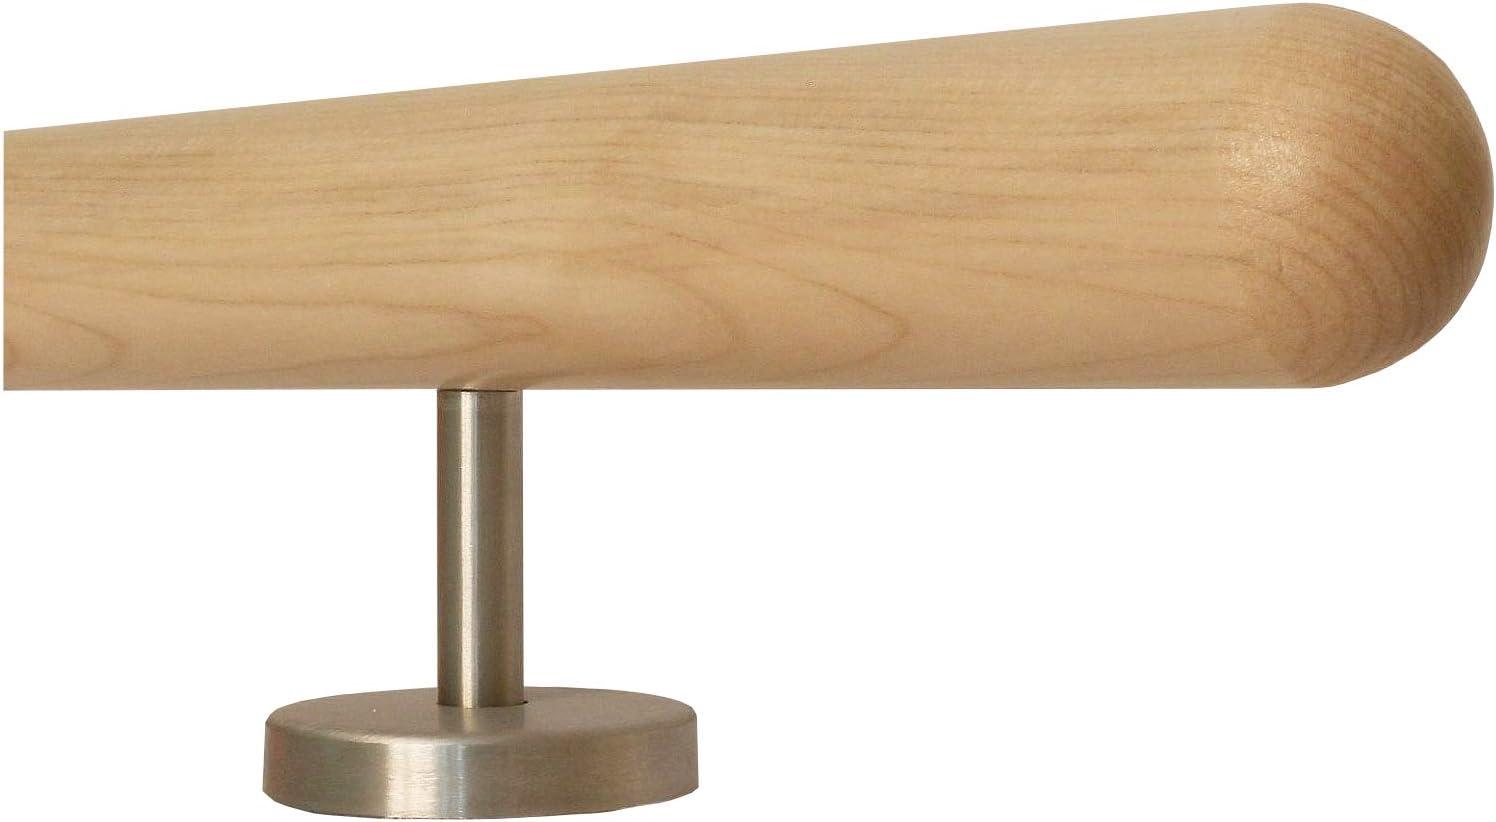 Ahorn Holz Treppe Handlauf Gel/änder Griff gerade Edelstahlhalter 50 cm mit 2 Halter Halbkugel gefr/äst L/änge 30-500 cm aus einem St/ück//Beispiel